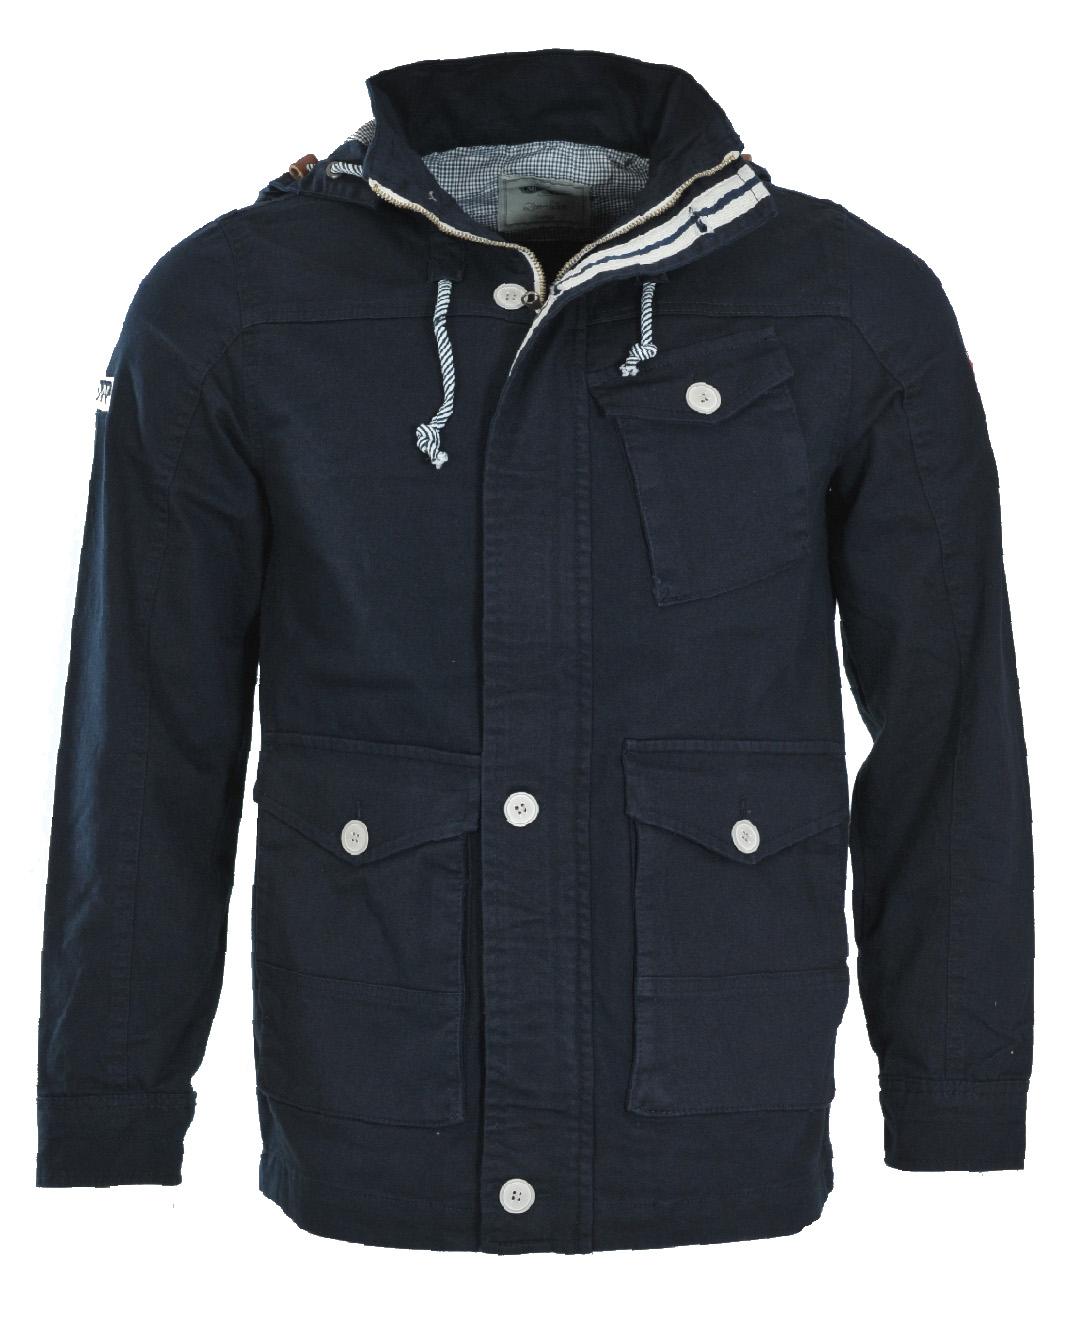 Ανδρικό Μπουφάν D.Blue London-Μπλε Σκούρο αρχική ανδρικά ρούχα μπουφάν